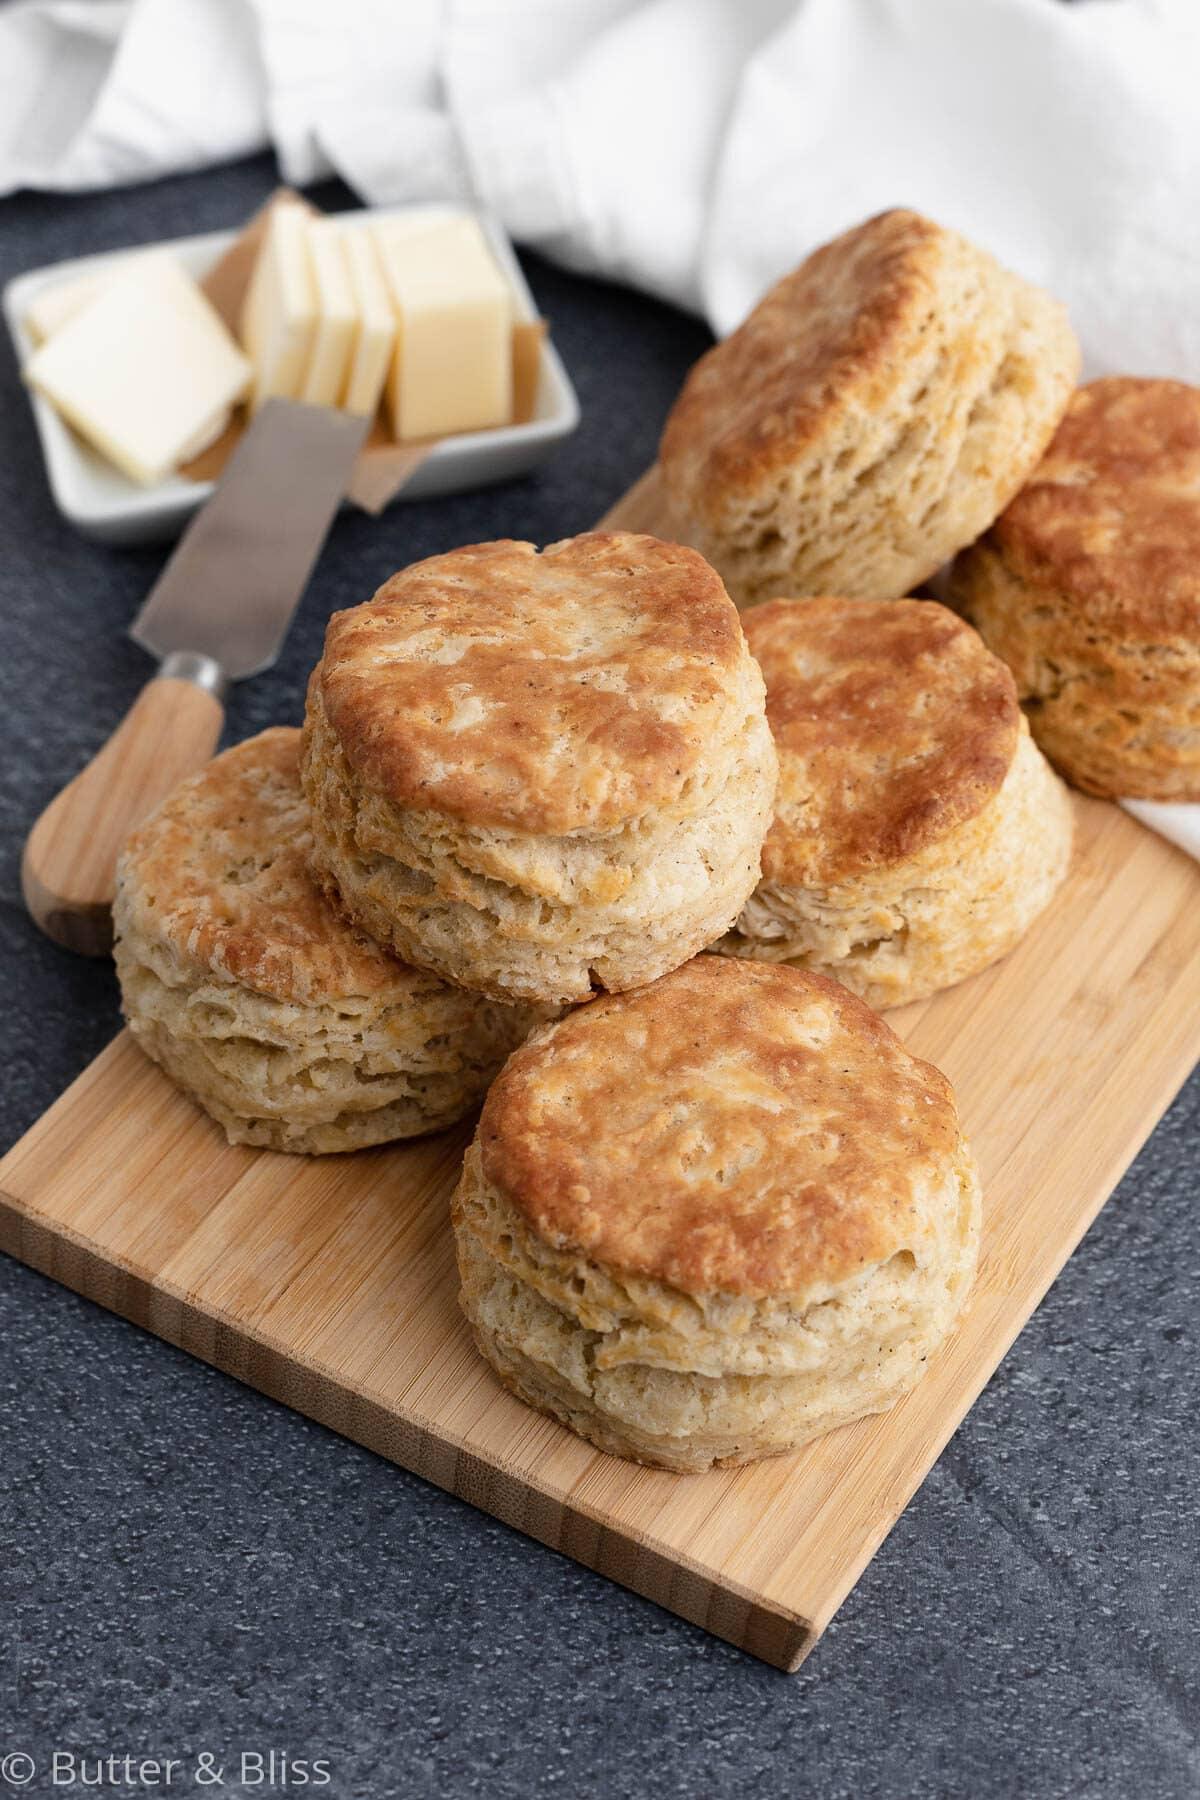 Buttermilk biscuits on a cutting board